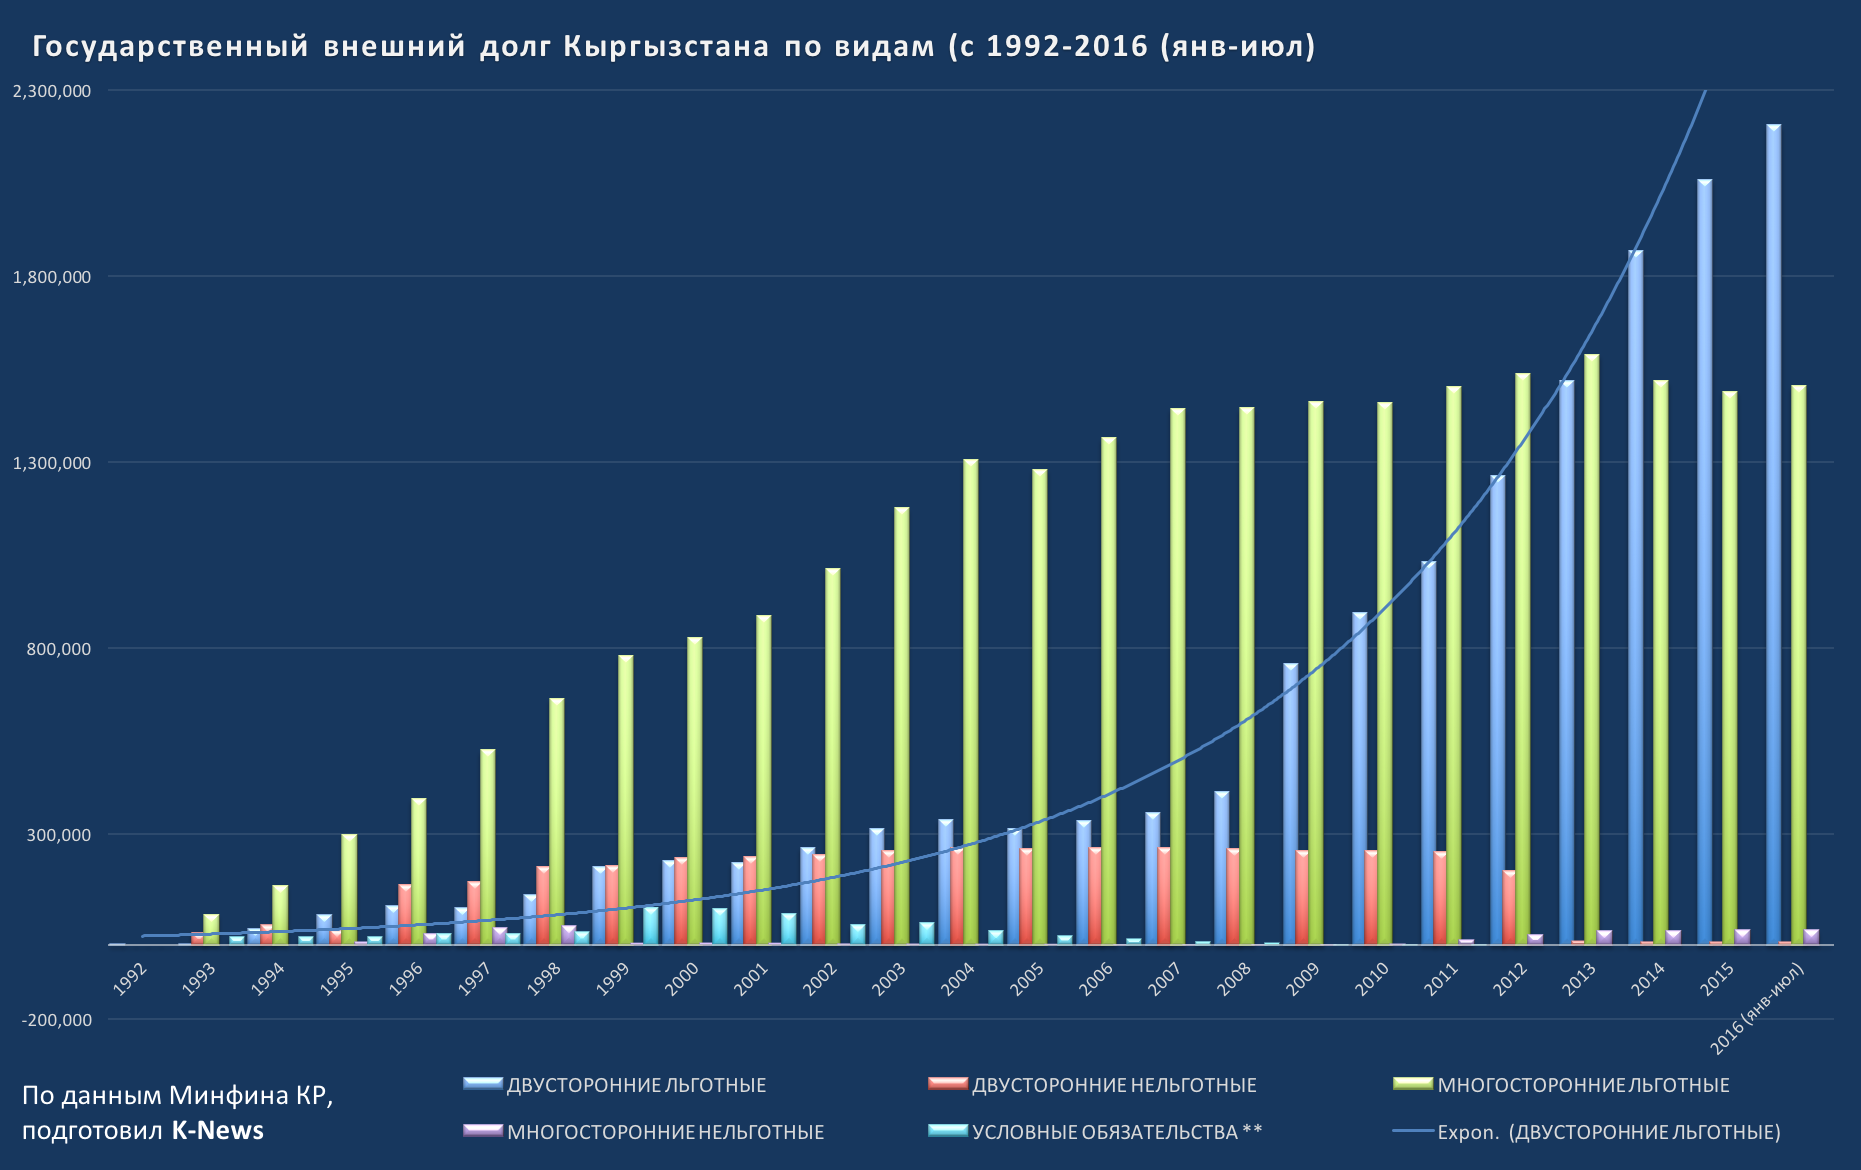 Государственный внешний долг 1992-2016 по видам